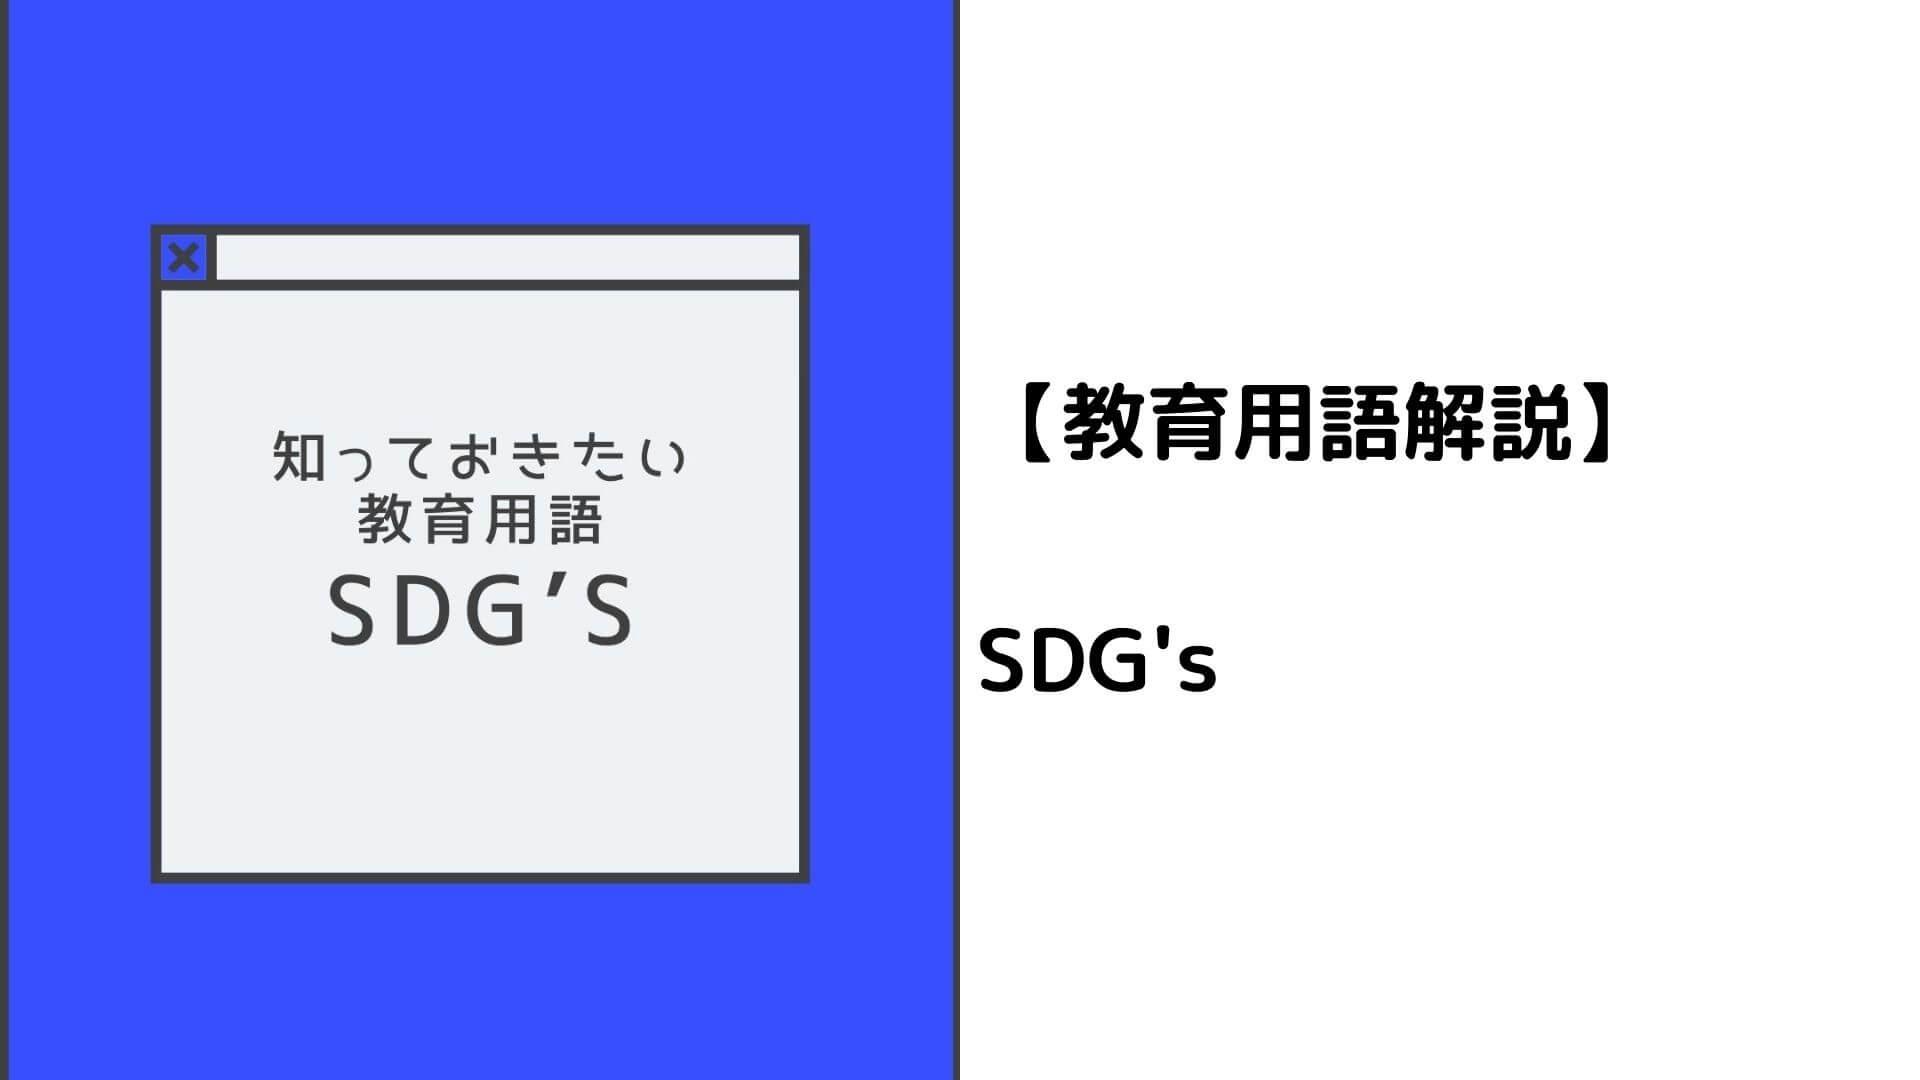 知っておきたい教育用語:SDG's